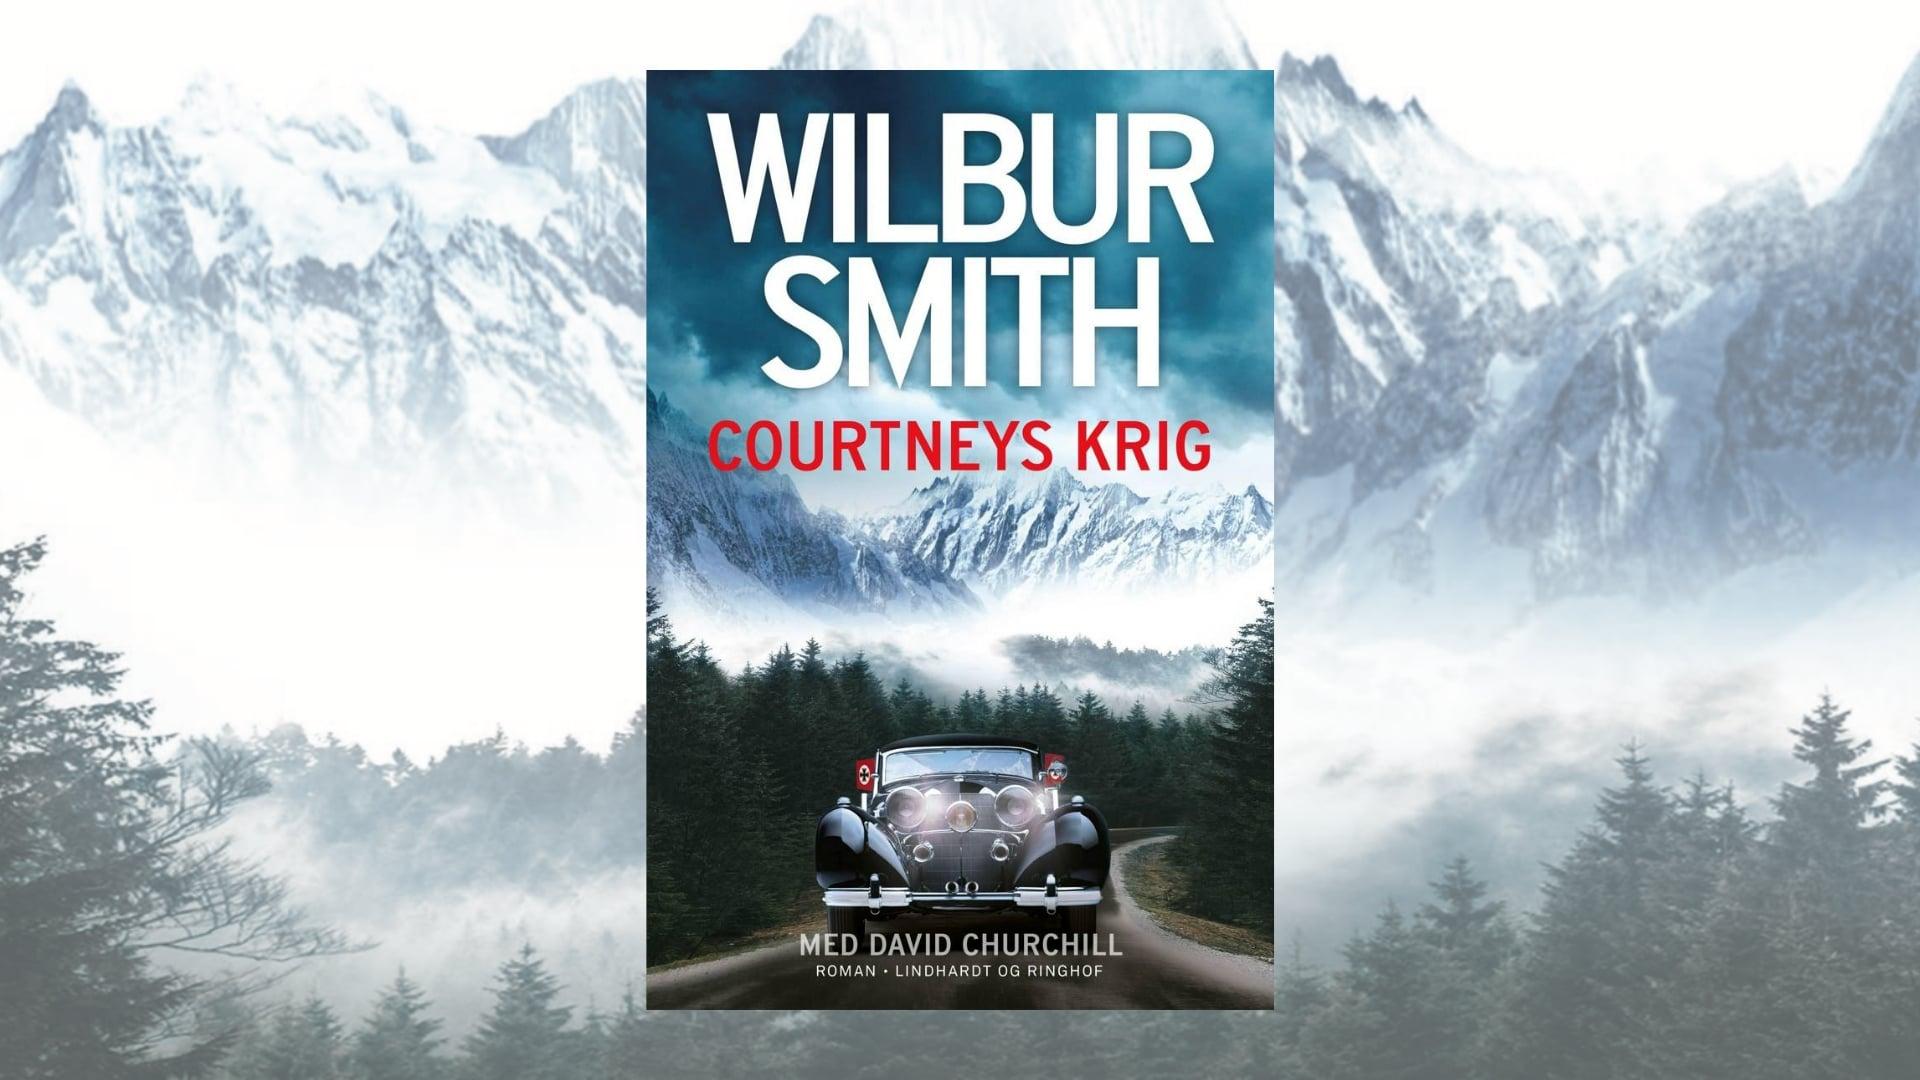 Efterstræbte Wilbur Smith er klar med ny bog i Courtney-serien. Læs i Courtneys XT-82